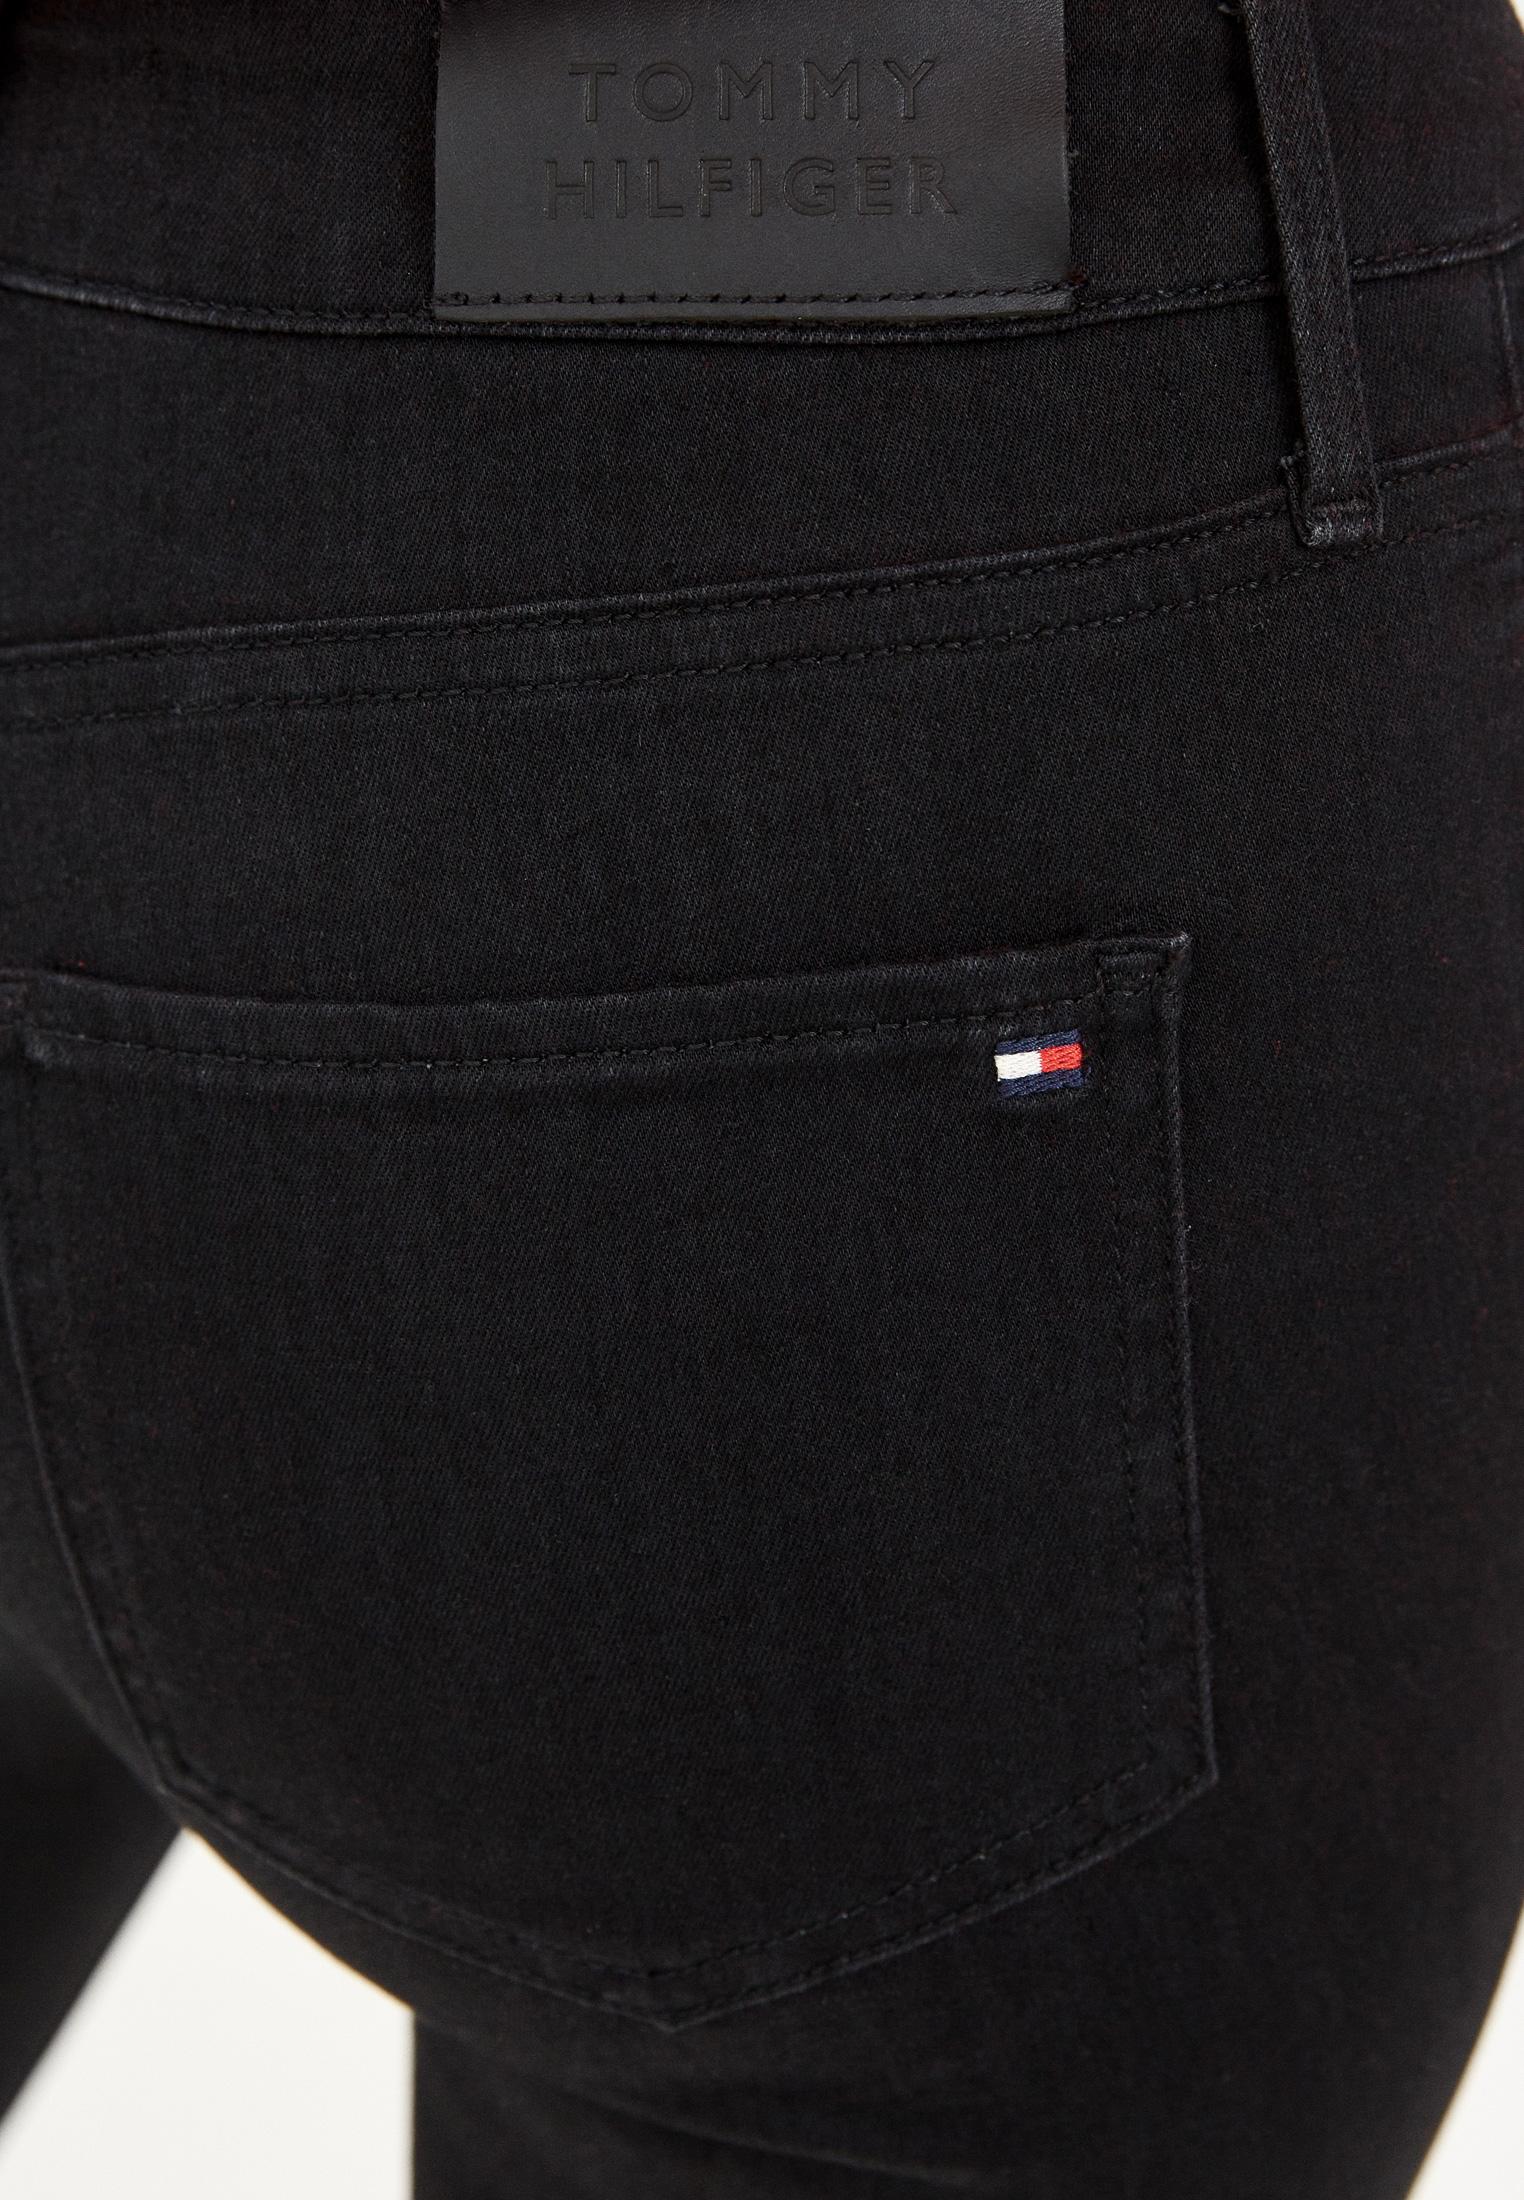 Зауженные джинсы Tommy Hilfiger (Томми Хилфигер) WW0WW28789: изображение 4